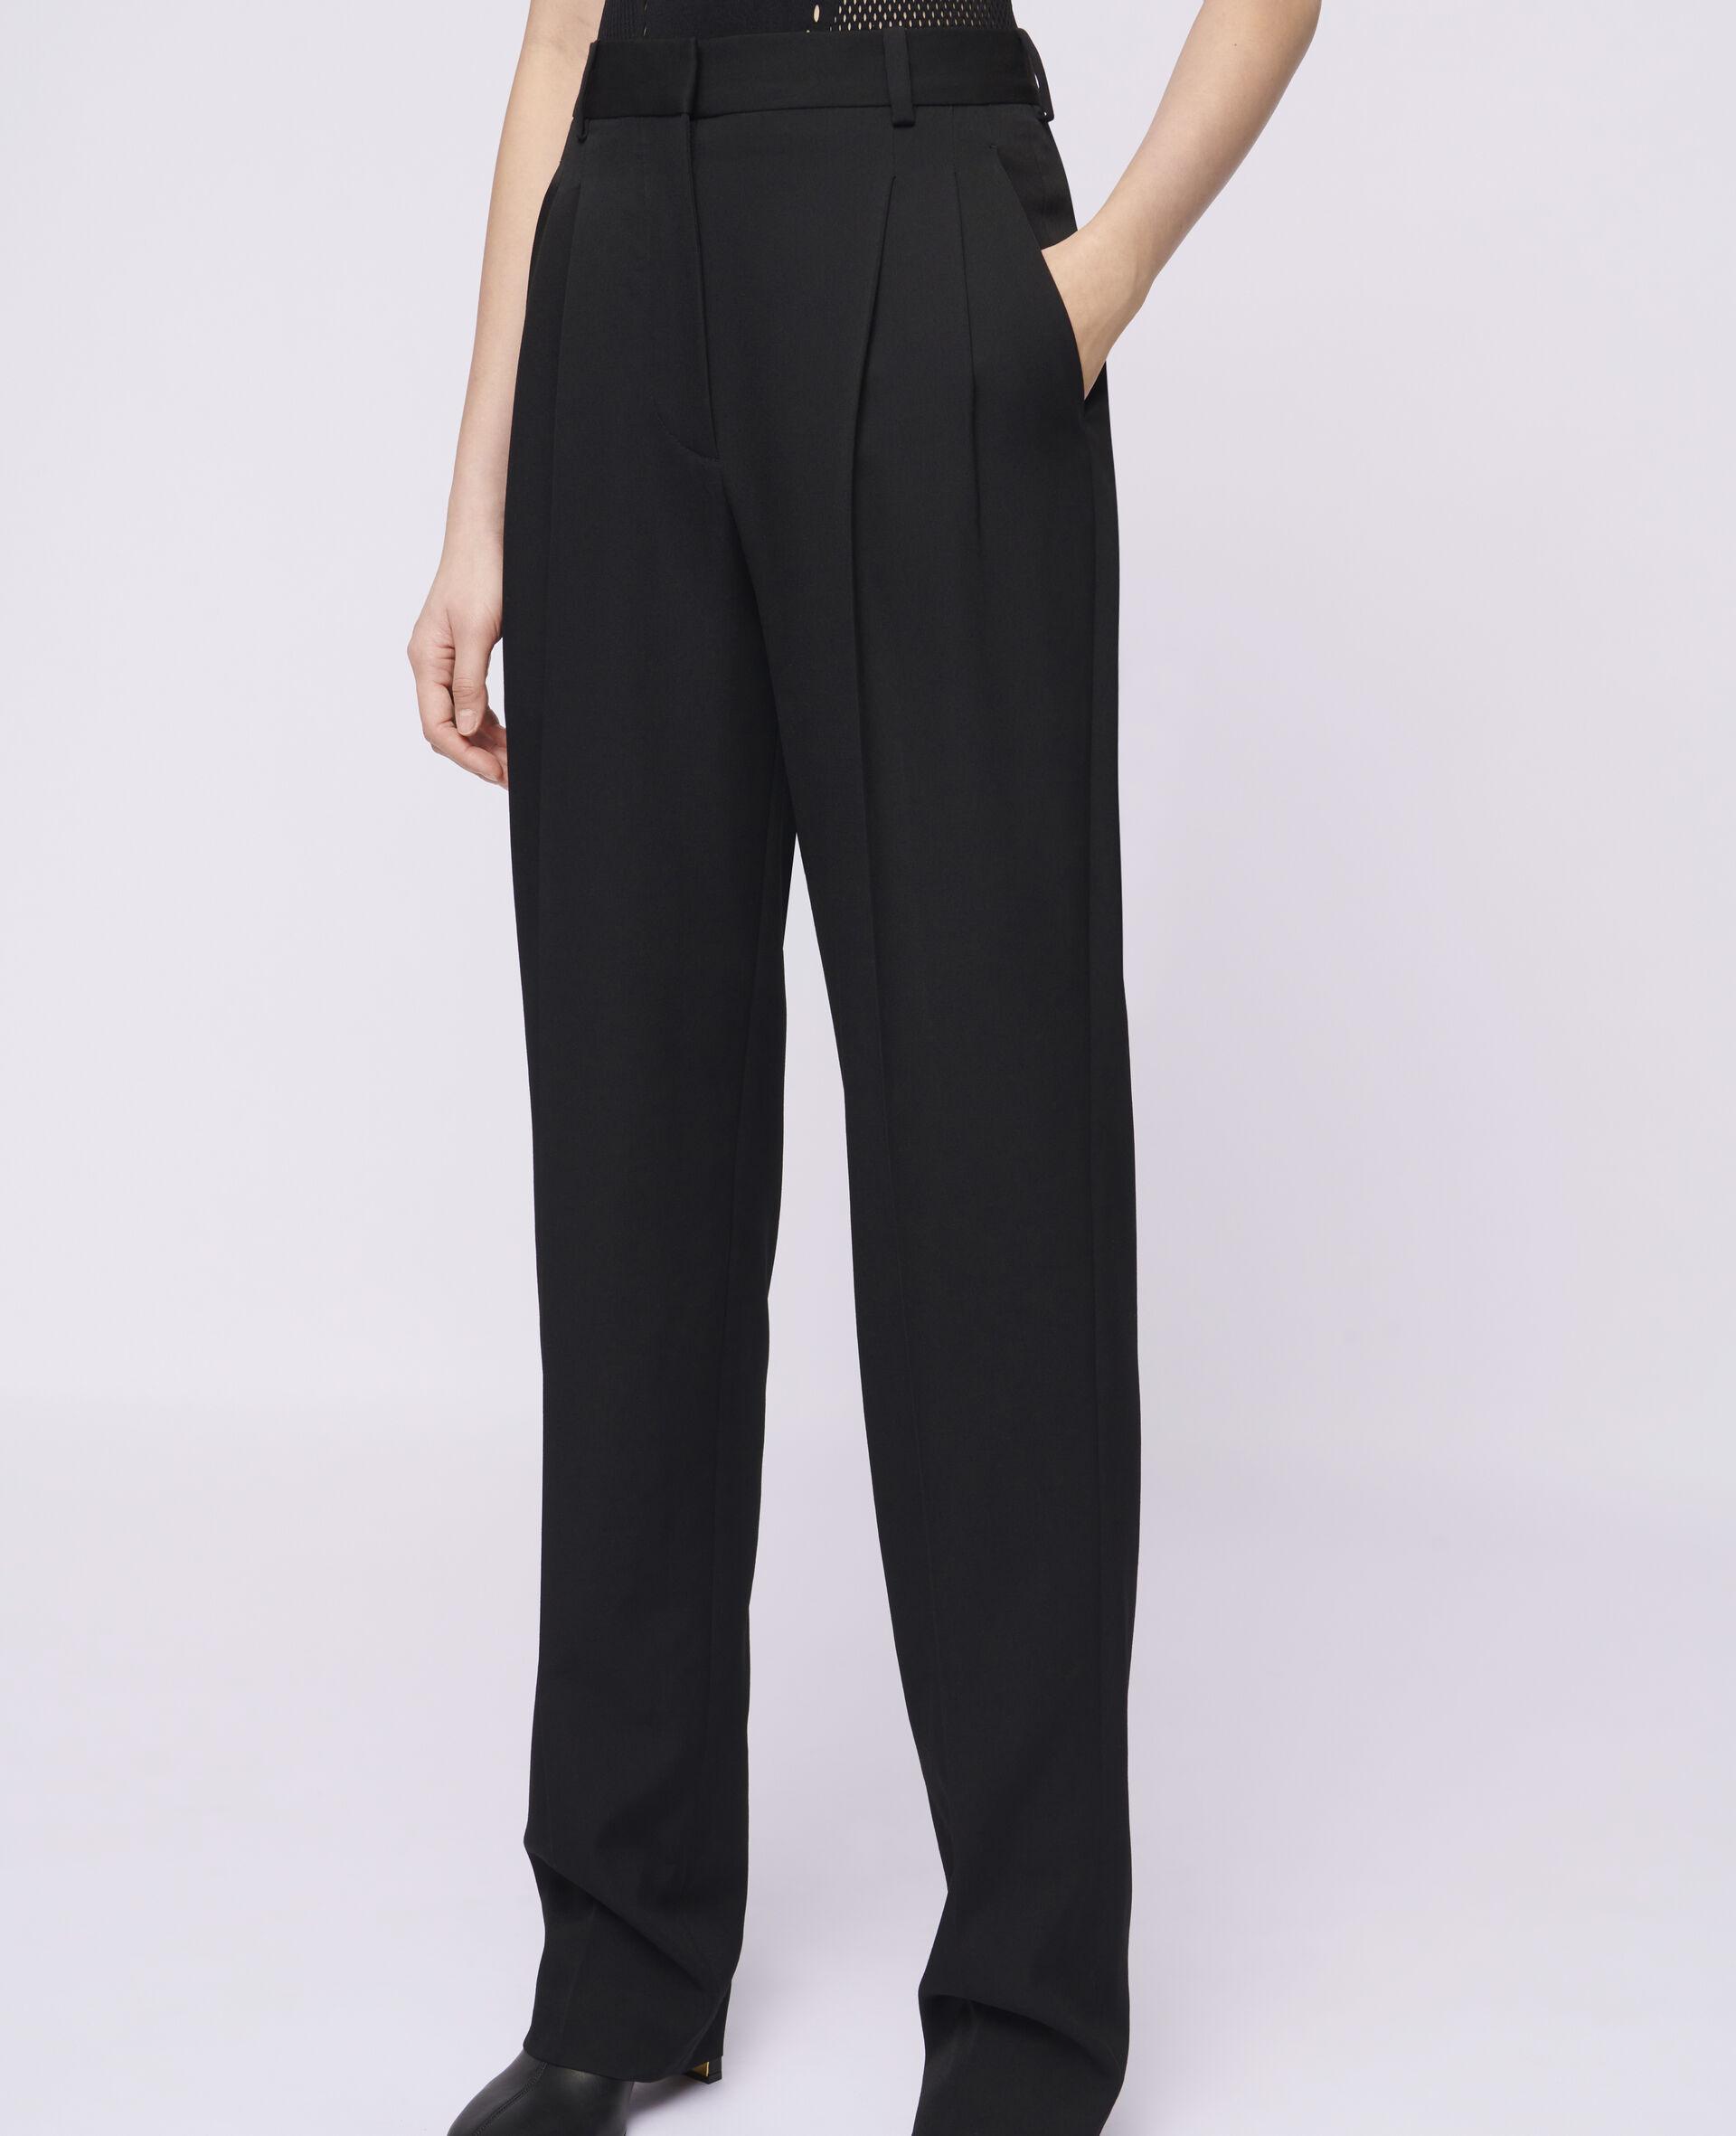 Lara Wool Pants-Black-large image number 3